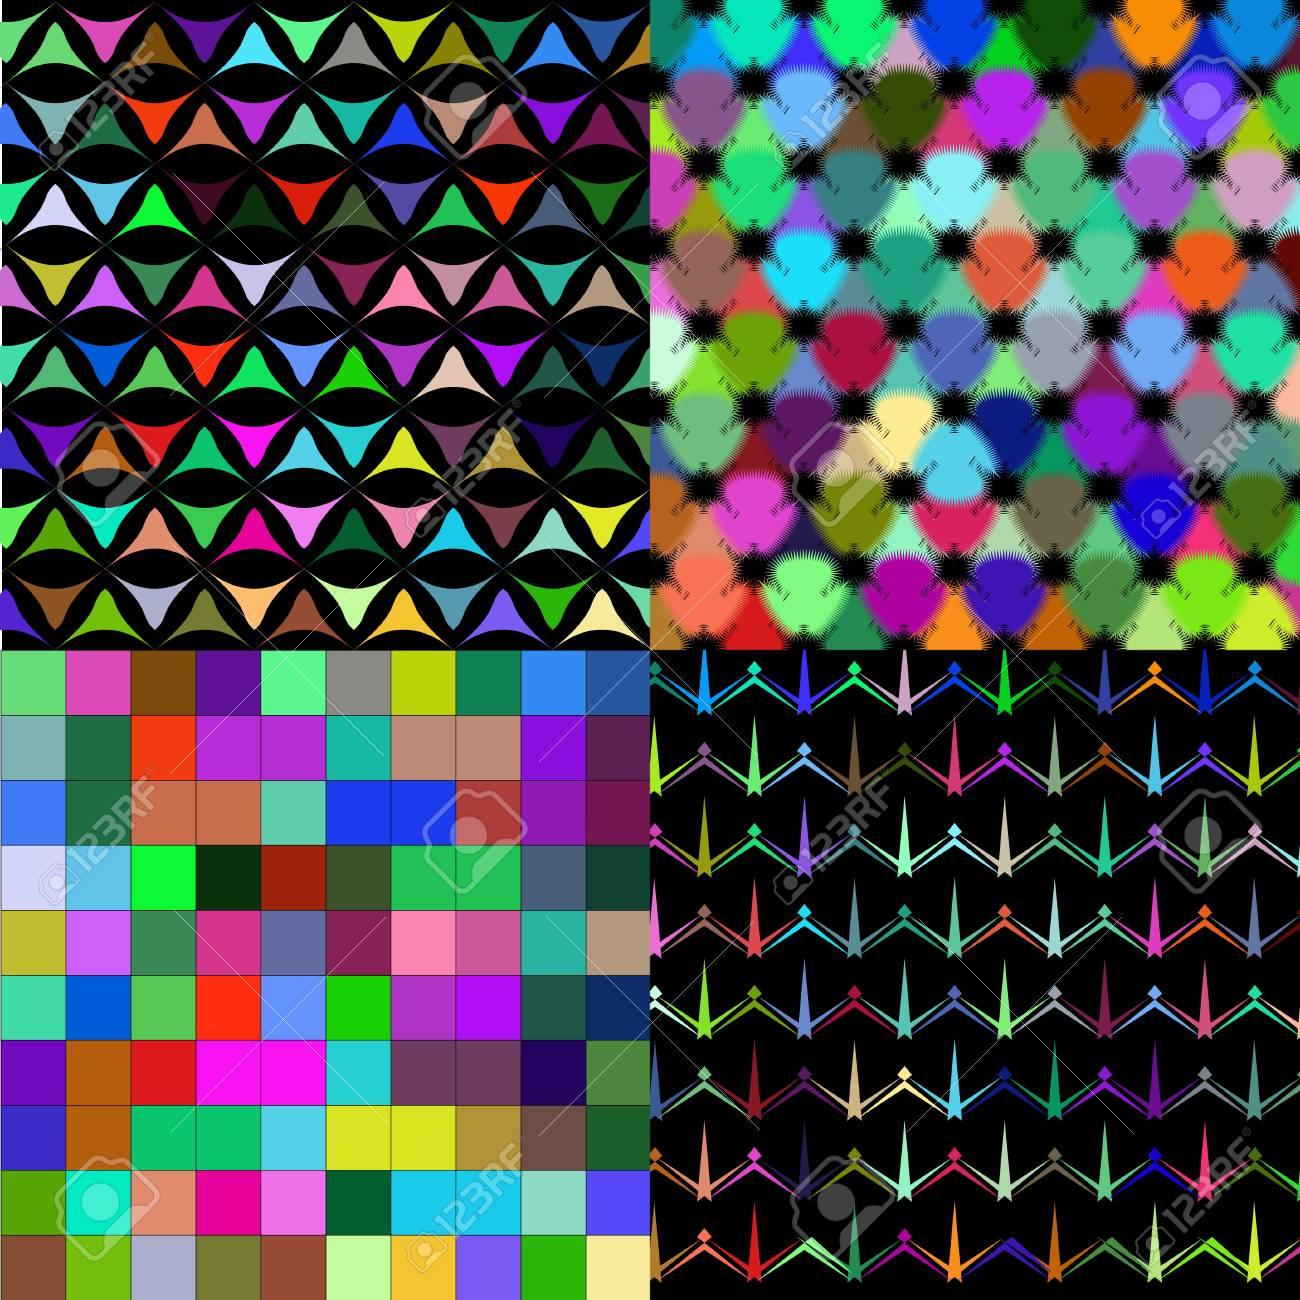 Archivio Fotografico   Set Di Astratto Arcobaleno Colorato Piastrelle  Mosaico Pittura Geometrica Palette Sfondo Pattern. Illustrazione